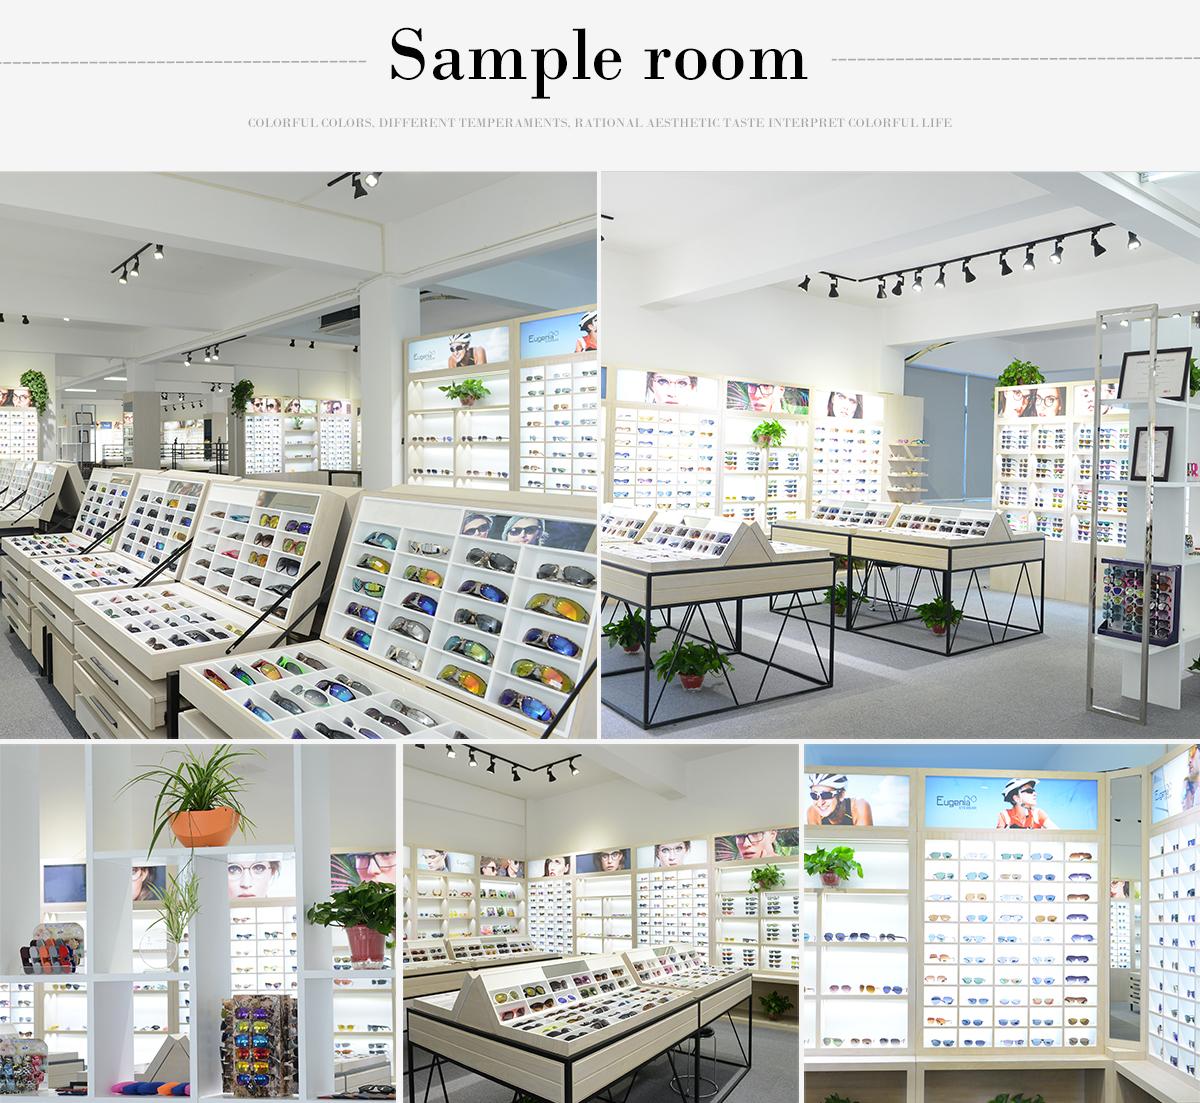 EUGENIA Sample room